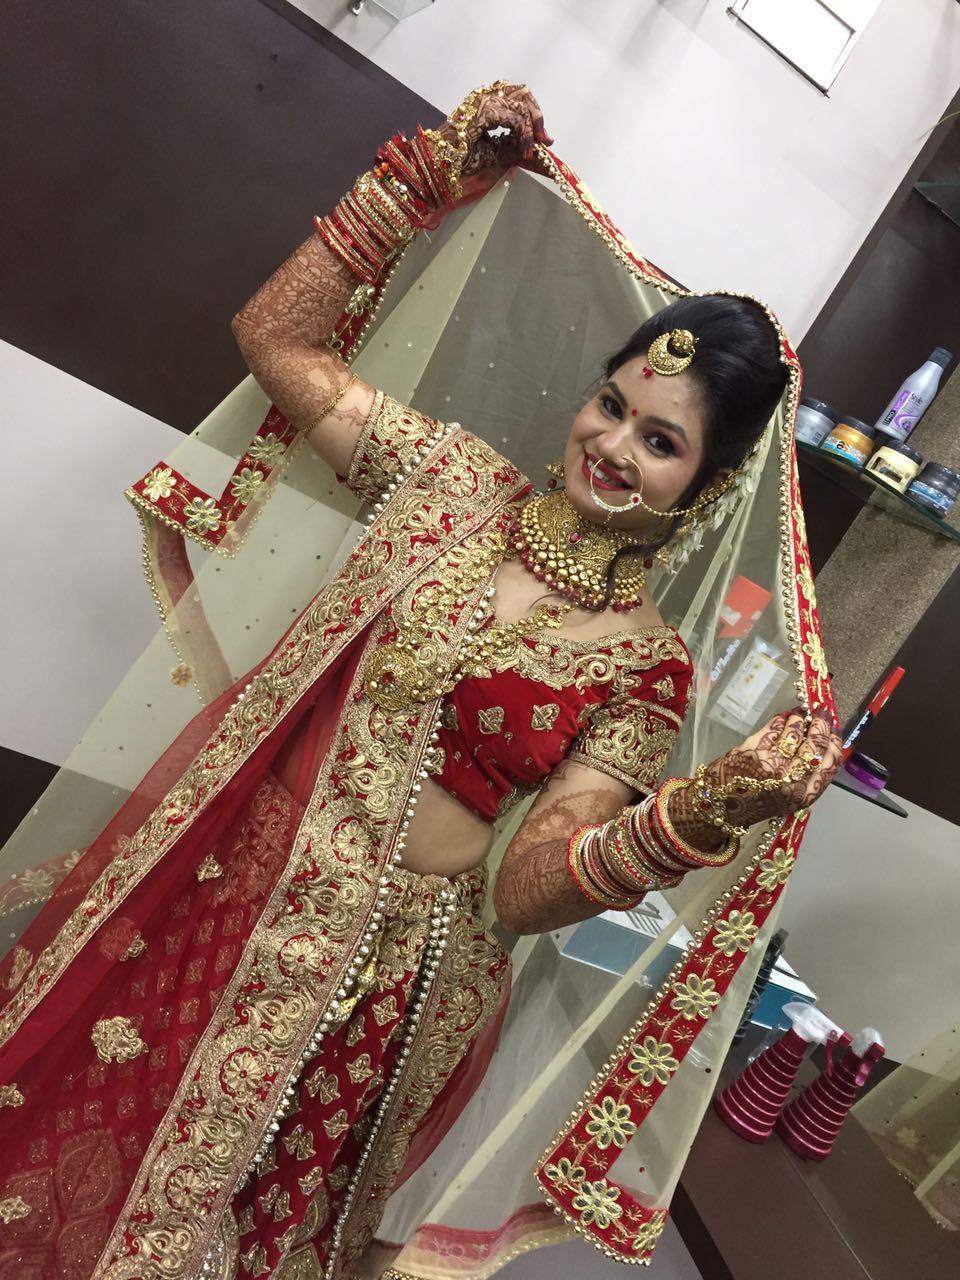 Womens Beauty Parlour in Vaishali Nagar, Jaipur   Sulekha